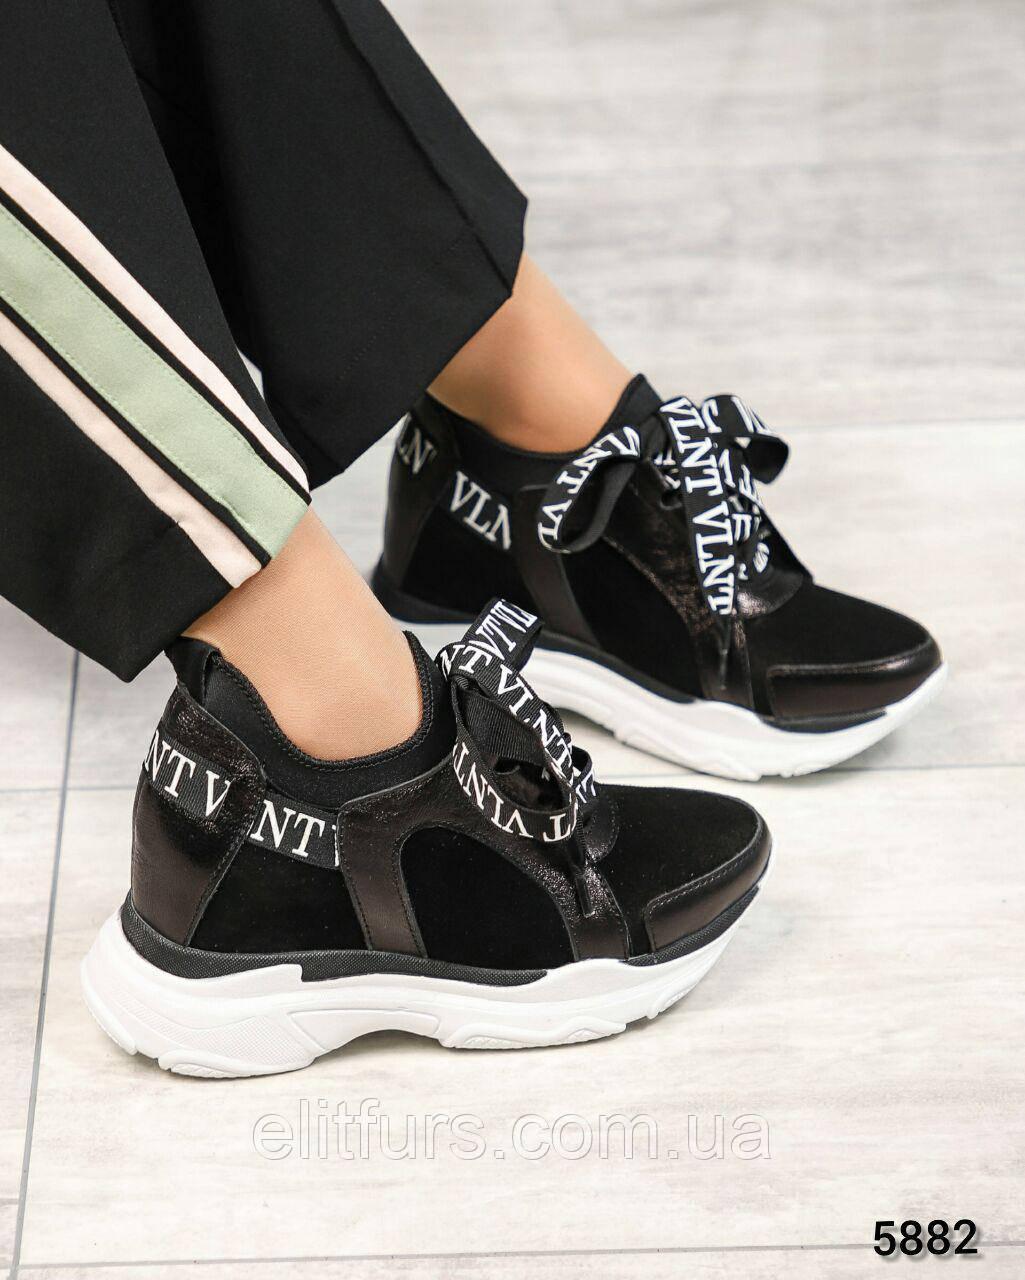 Сникерсы женские стильные, с оригинальной шнуровкой